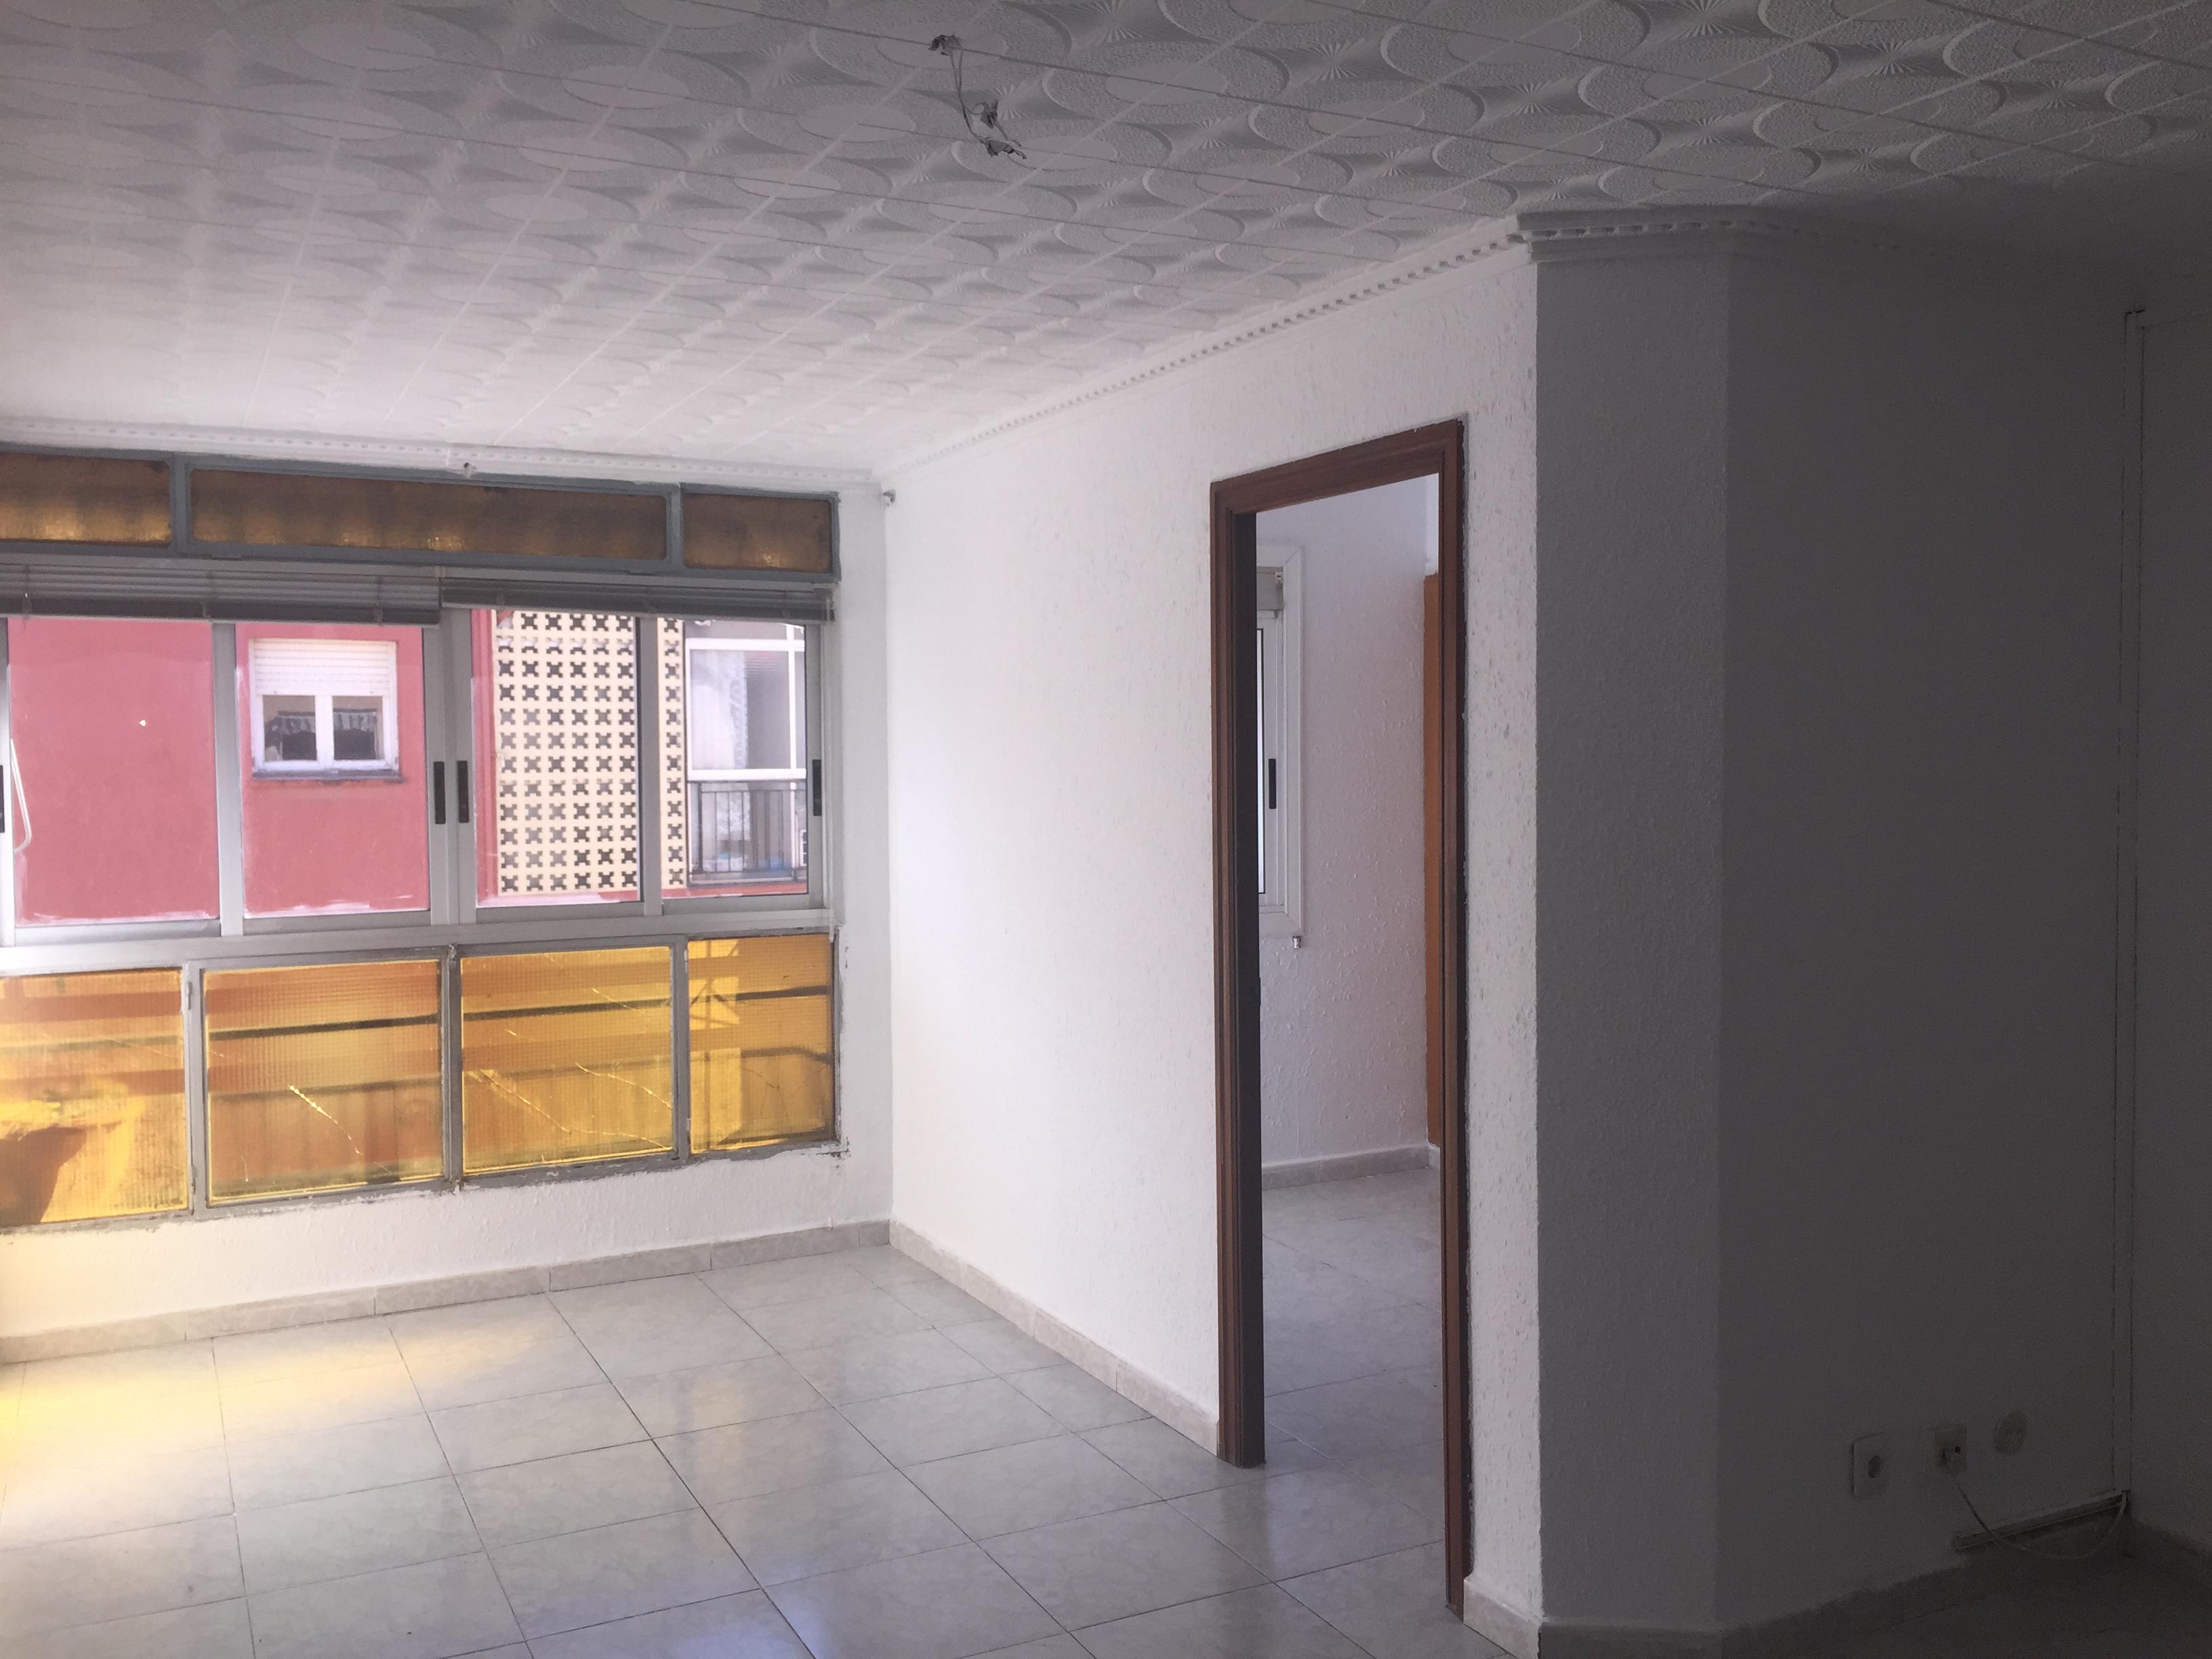 Piso en venta en Reus, Tarragona, Calle de Benidorm, 57.000 €, 3 habitaciones, 1 baño, 85 m2